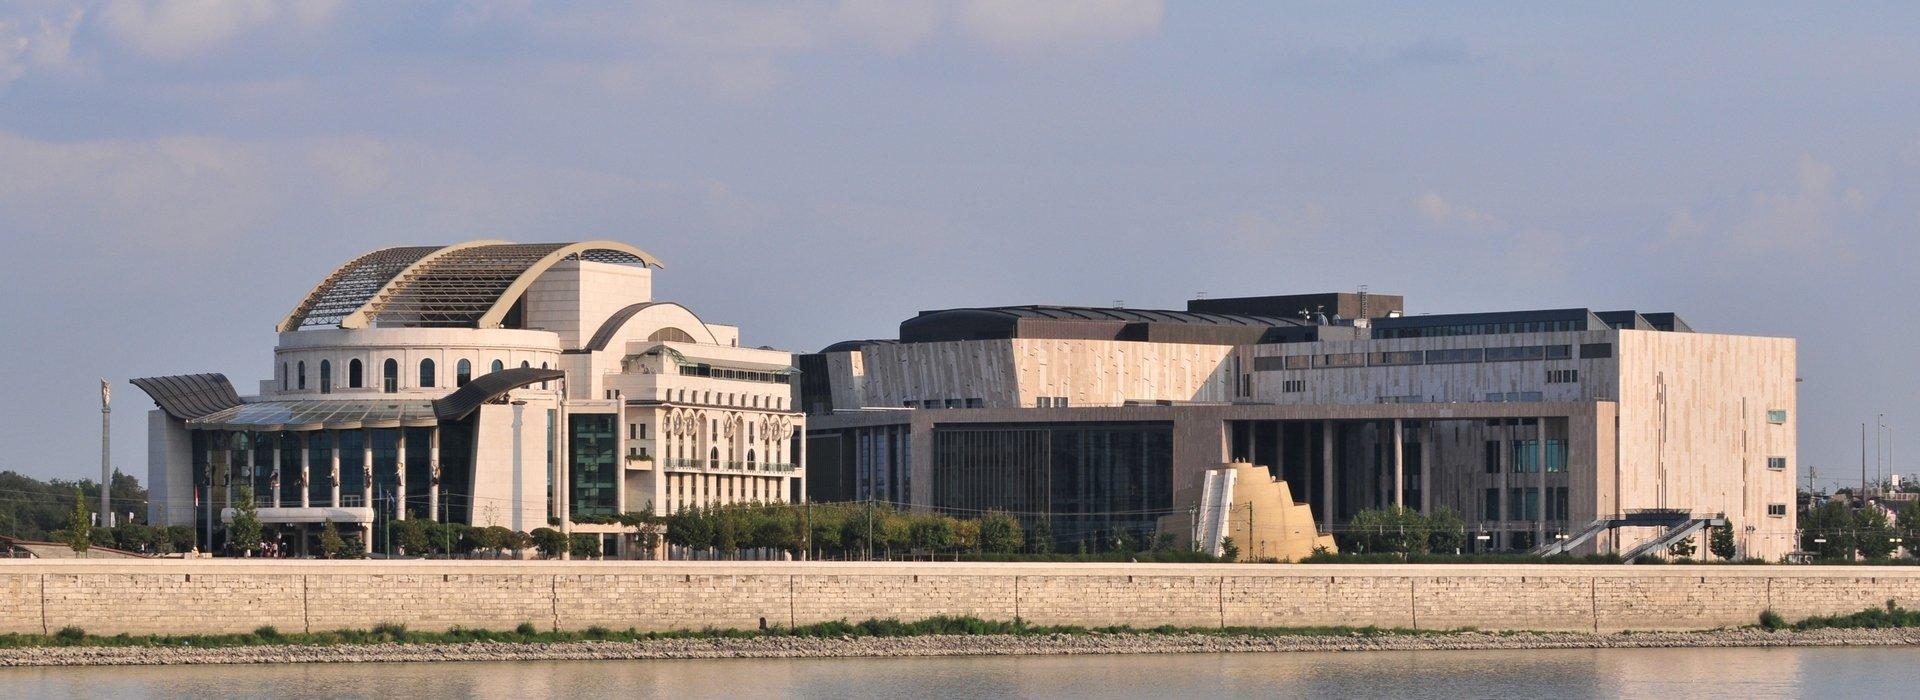 Budapest Theatern & Konzertsäle – Theater & Konzertsaal in Budapest, Ungarn